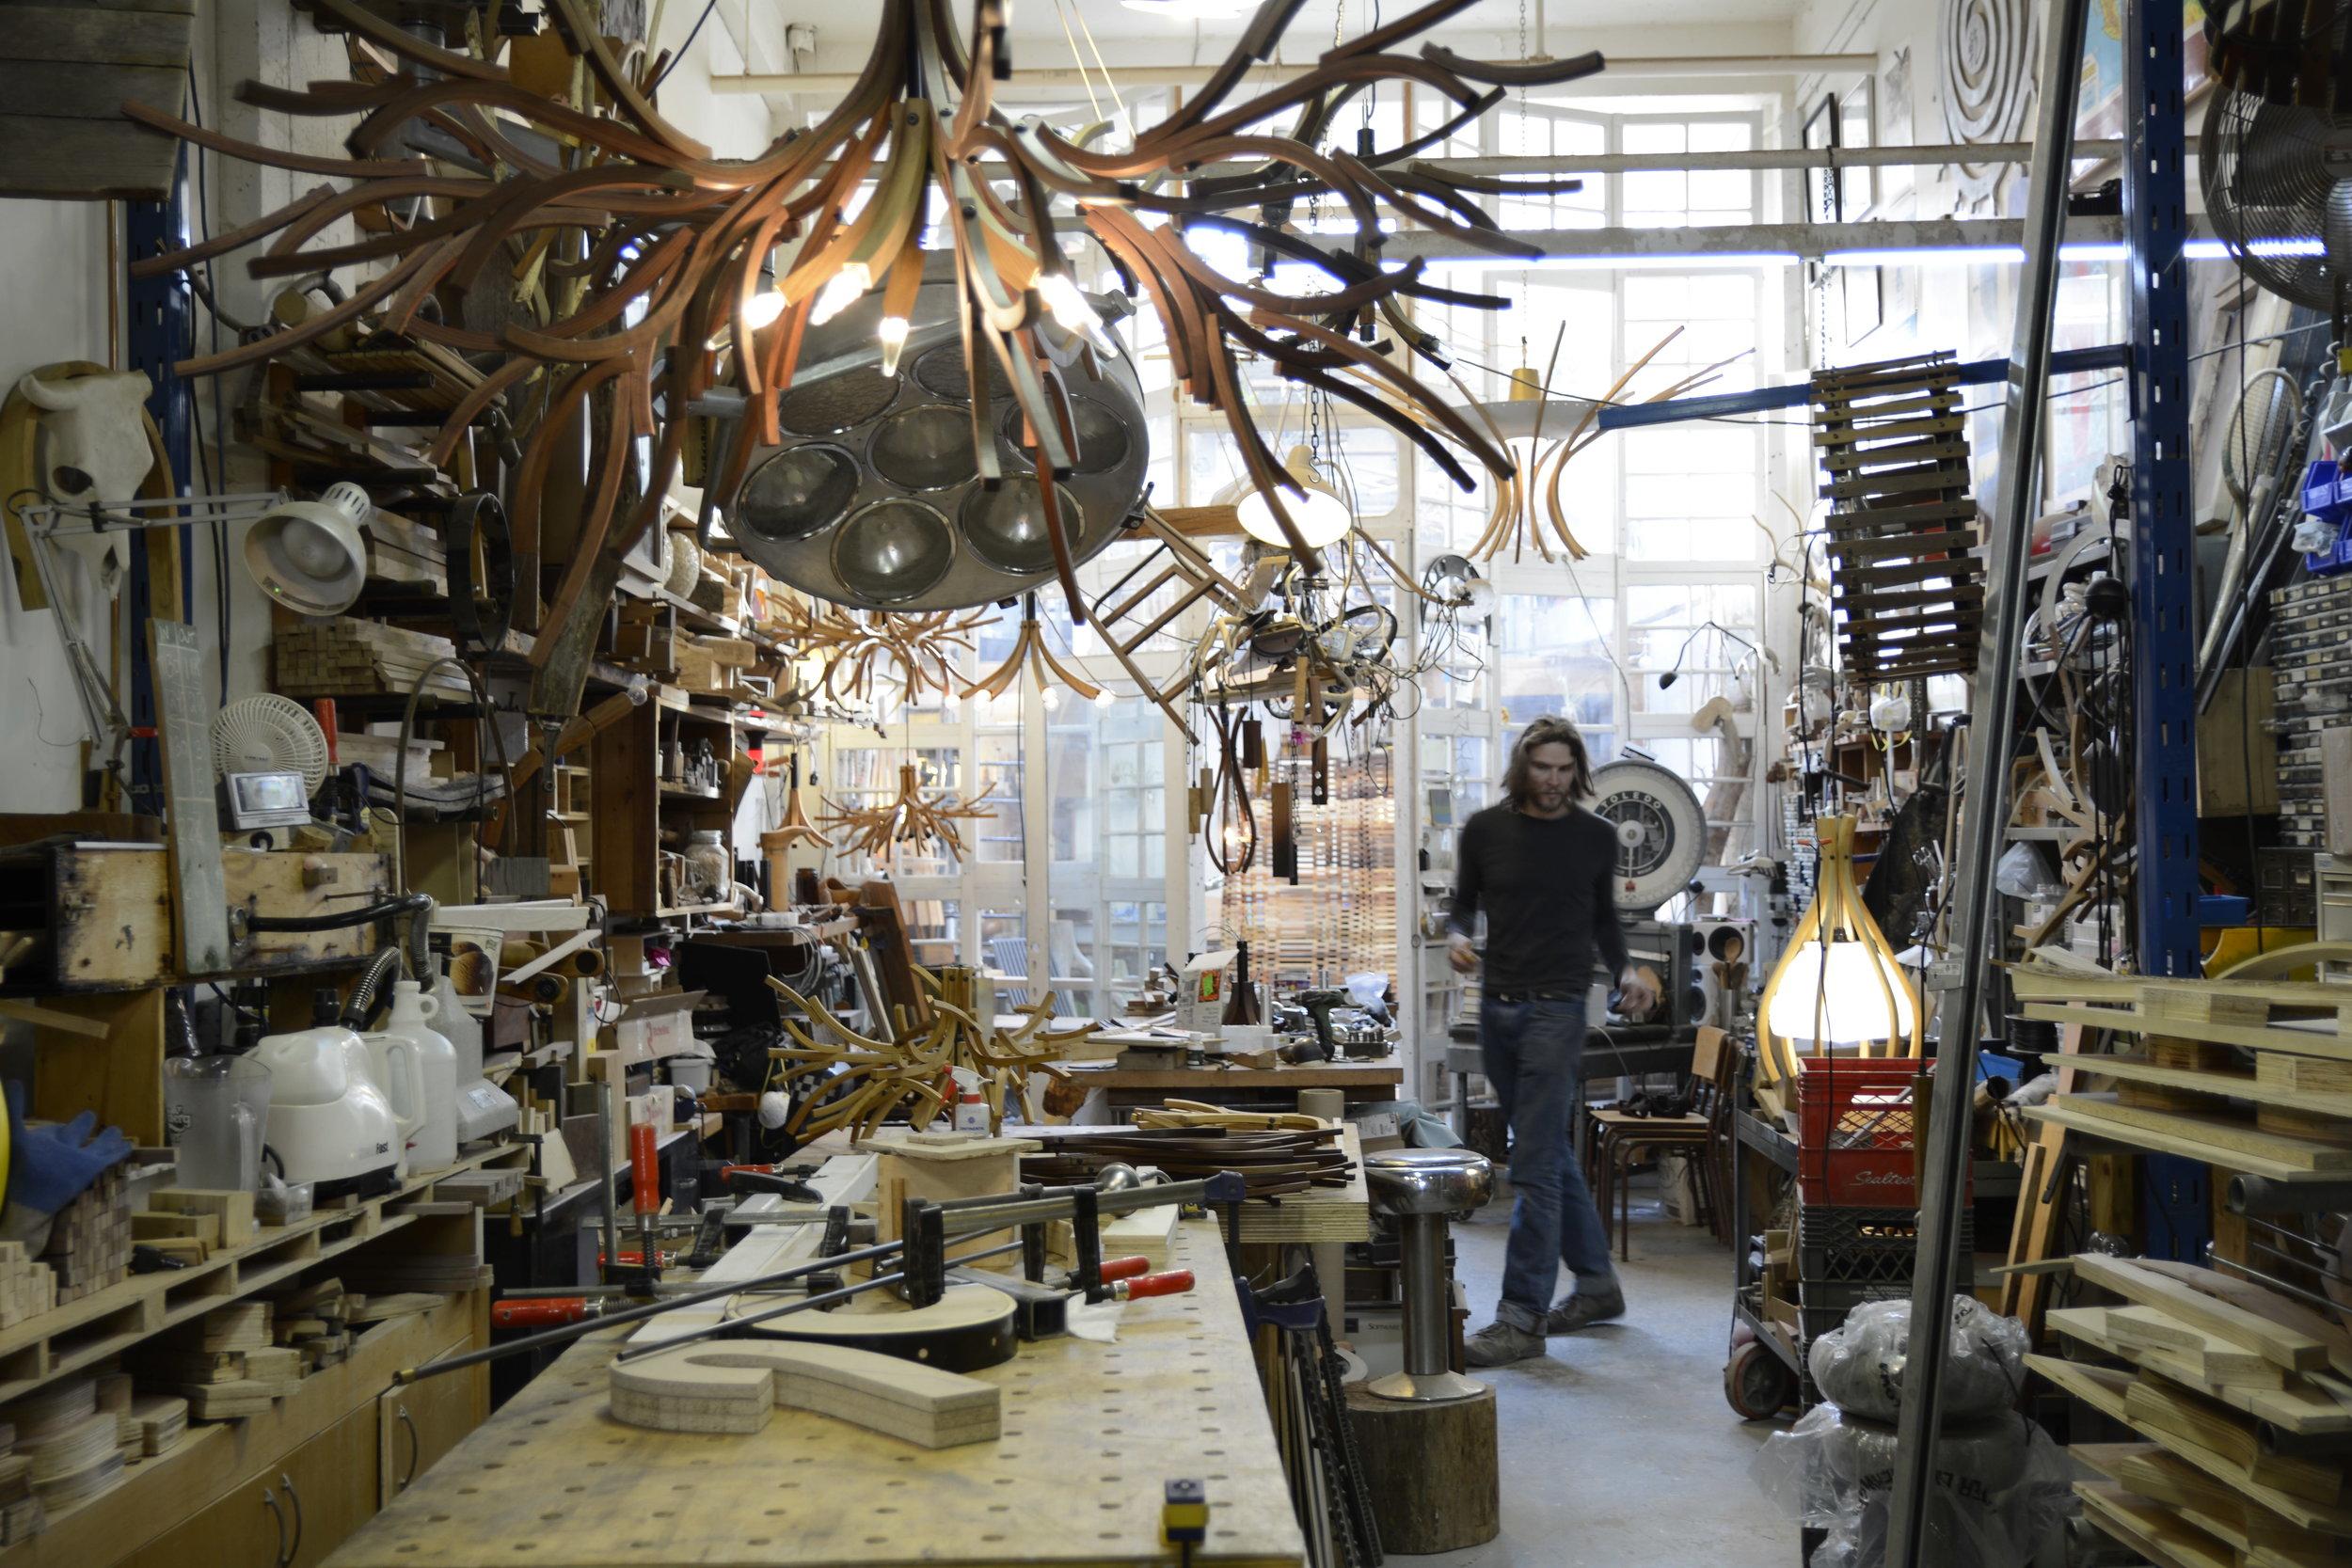 Copy of MadeIN Toronto-The Brothers DresslersWorkshop-28.JPG